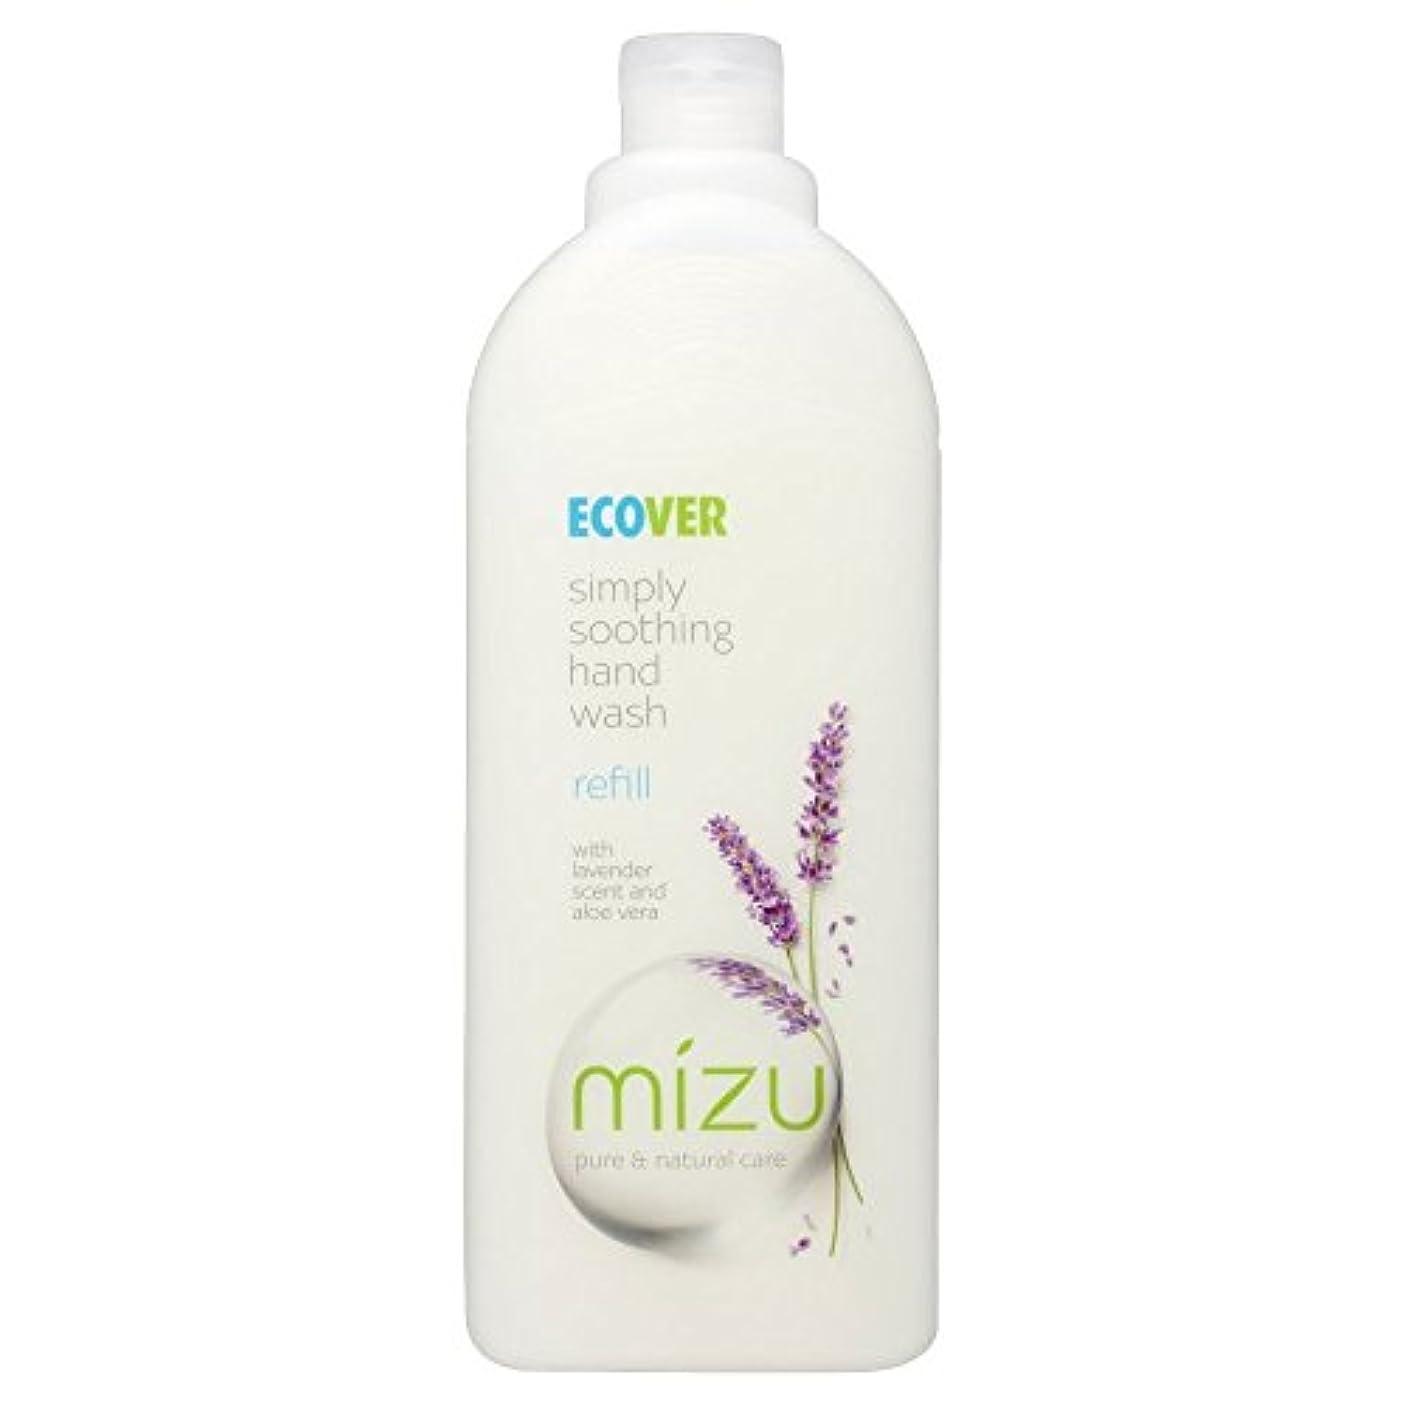 メロディー安いですおっとEcover Liquid Hand Soap Lavender & Aloe Vera Refill (1L) エコベール液体ハンドソープラベンダーとアロエベラリフィル??( 1リットル) [並行輸入品]